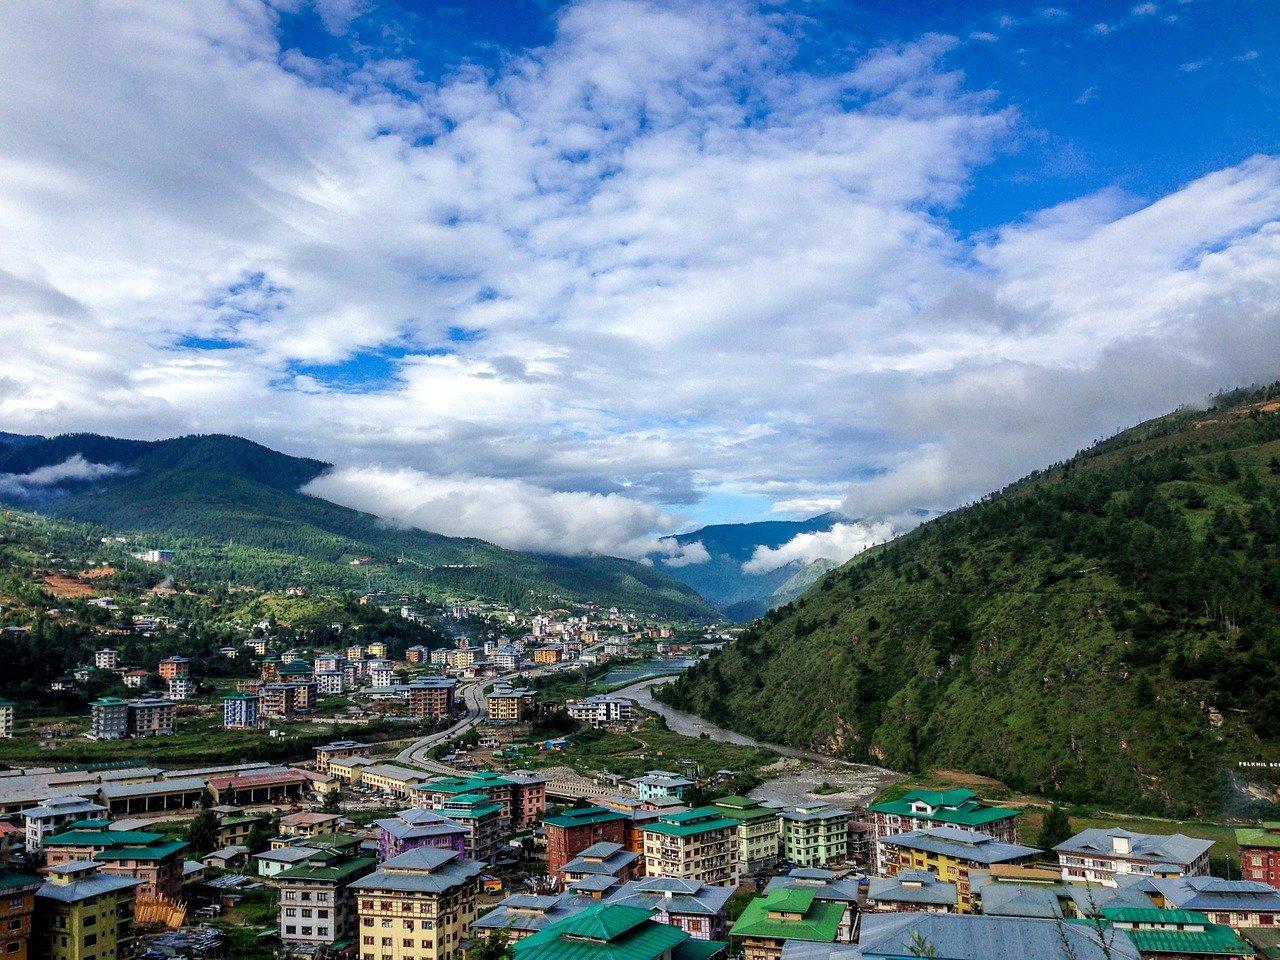 Butão - Viajar depois da Pandemia